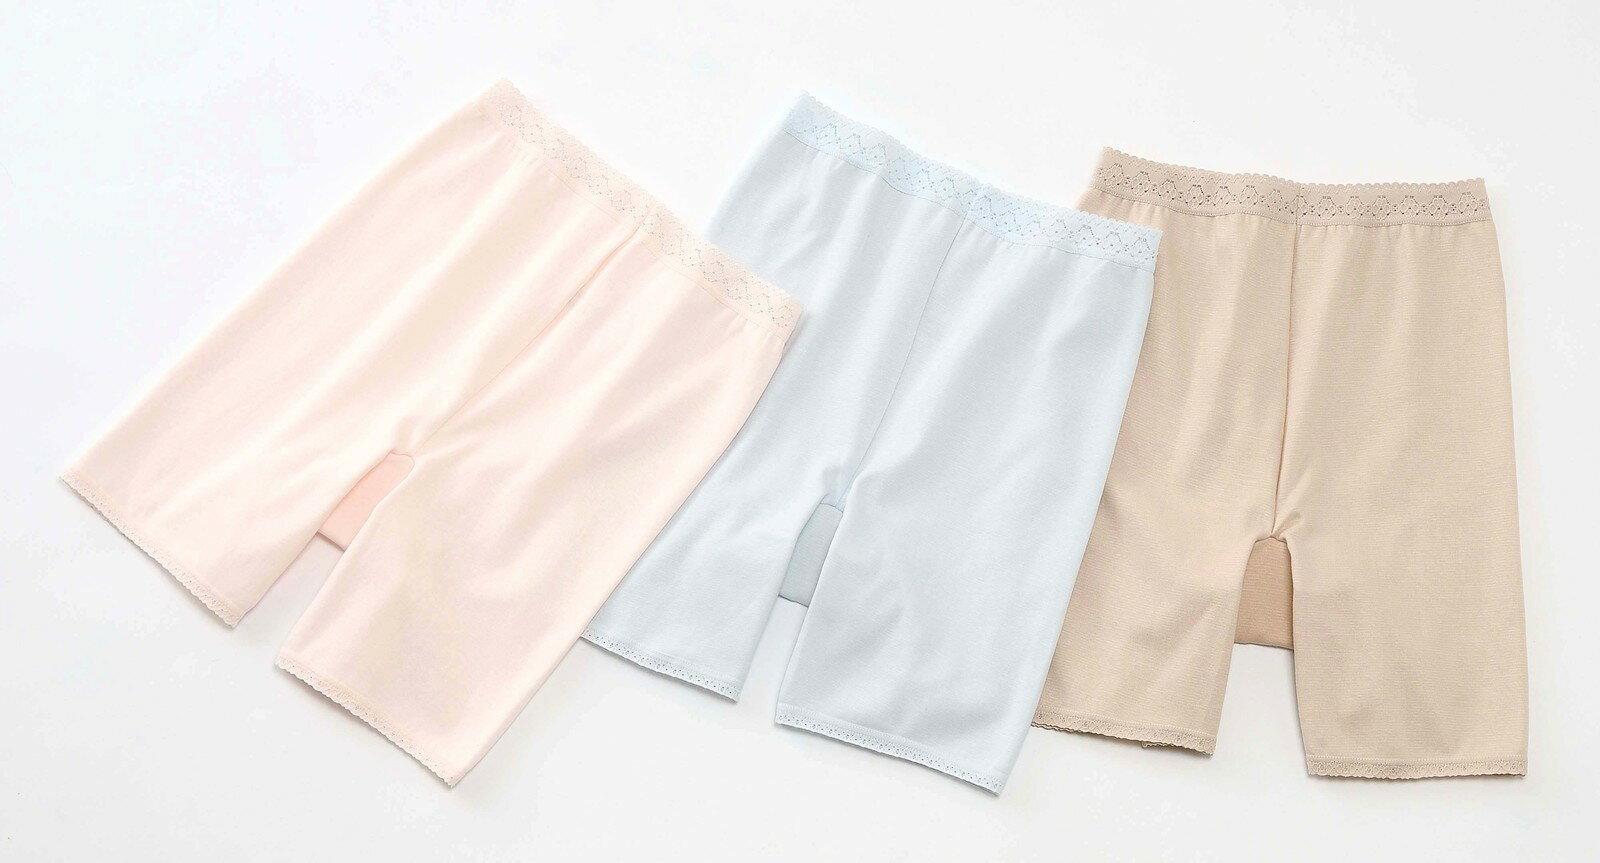 失禁パンツ 女性 3分丈 M/L/LL【3枚セ...の紹介画像2